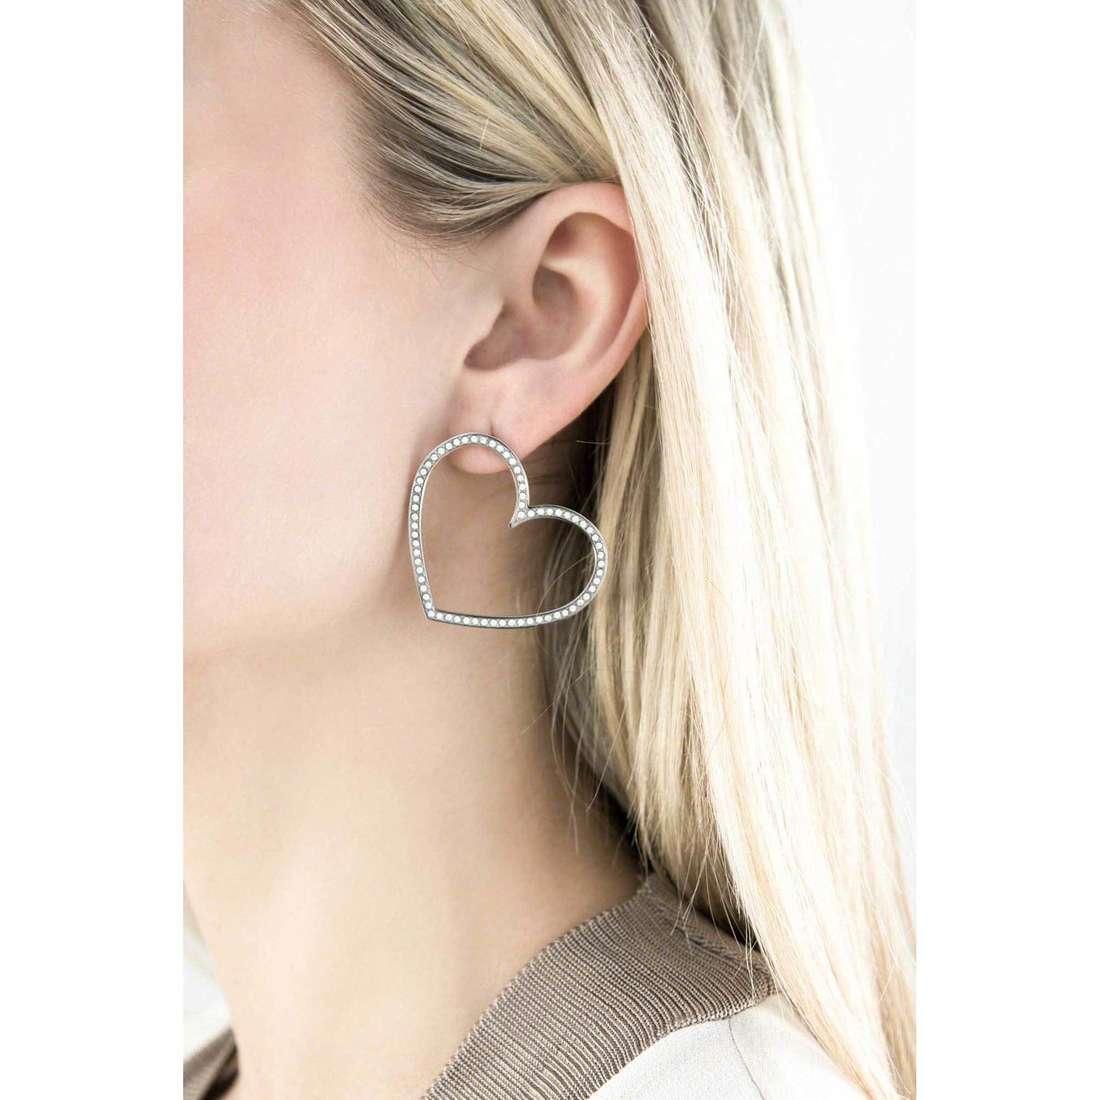 Brosway orecchini Minuetto donna BMU21 indosso